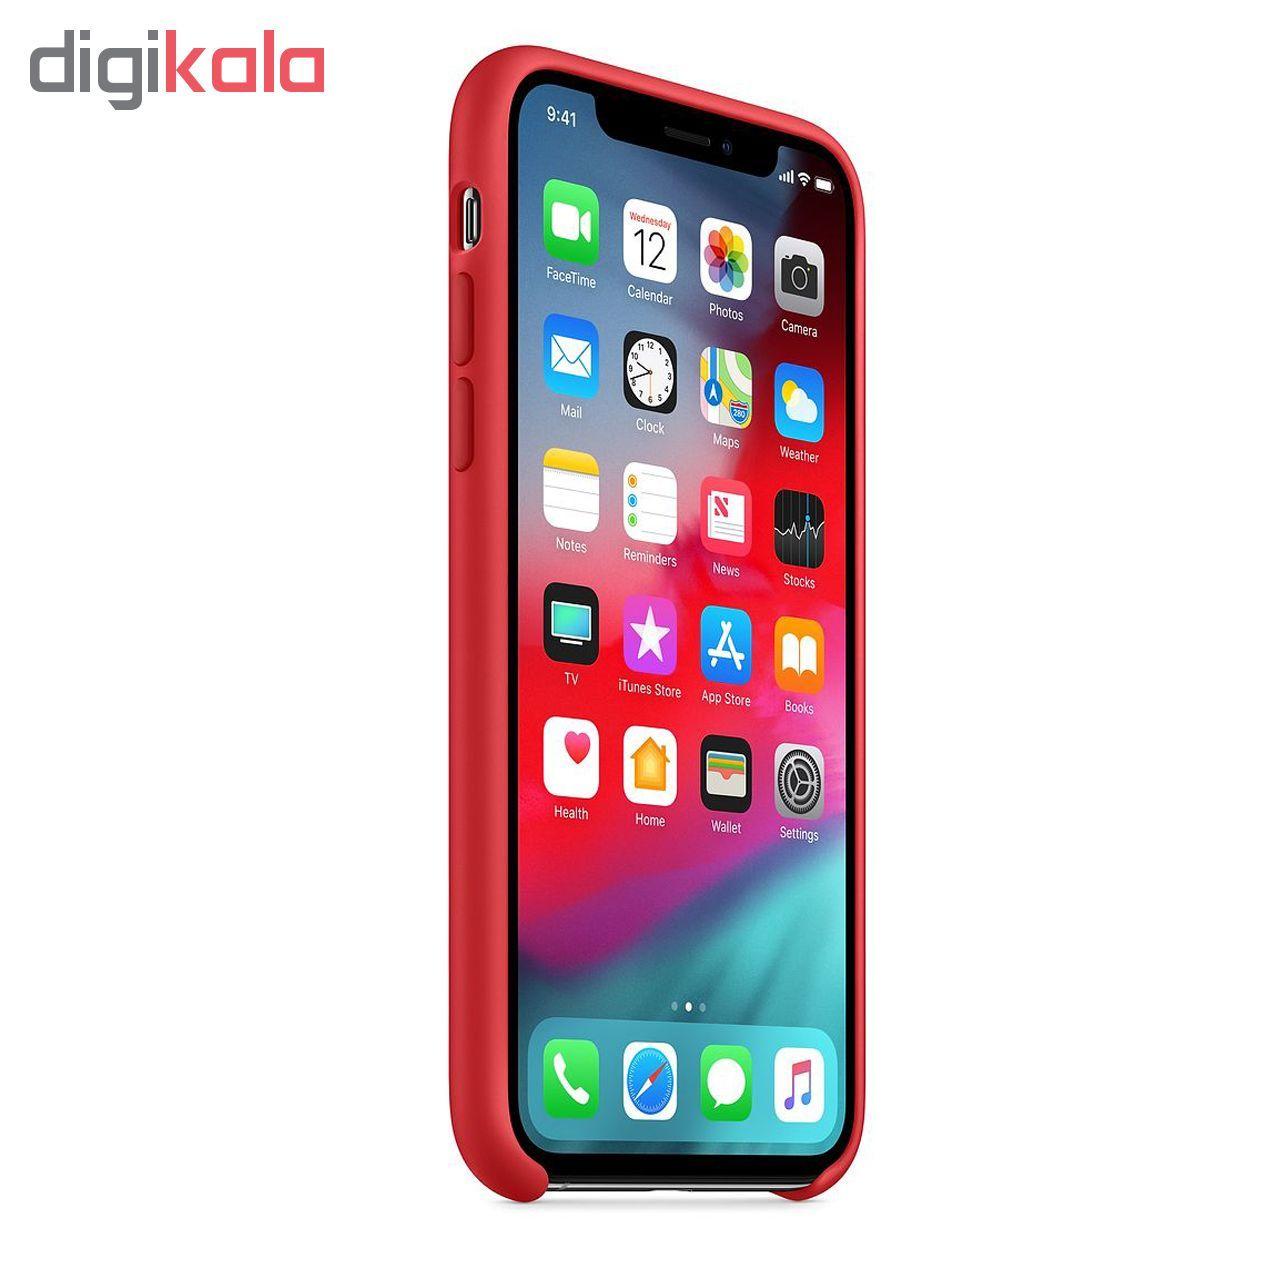 کاور مدل sili004 مناسب برای گوشی موبایل اپل Iphone XS Max main 1 2